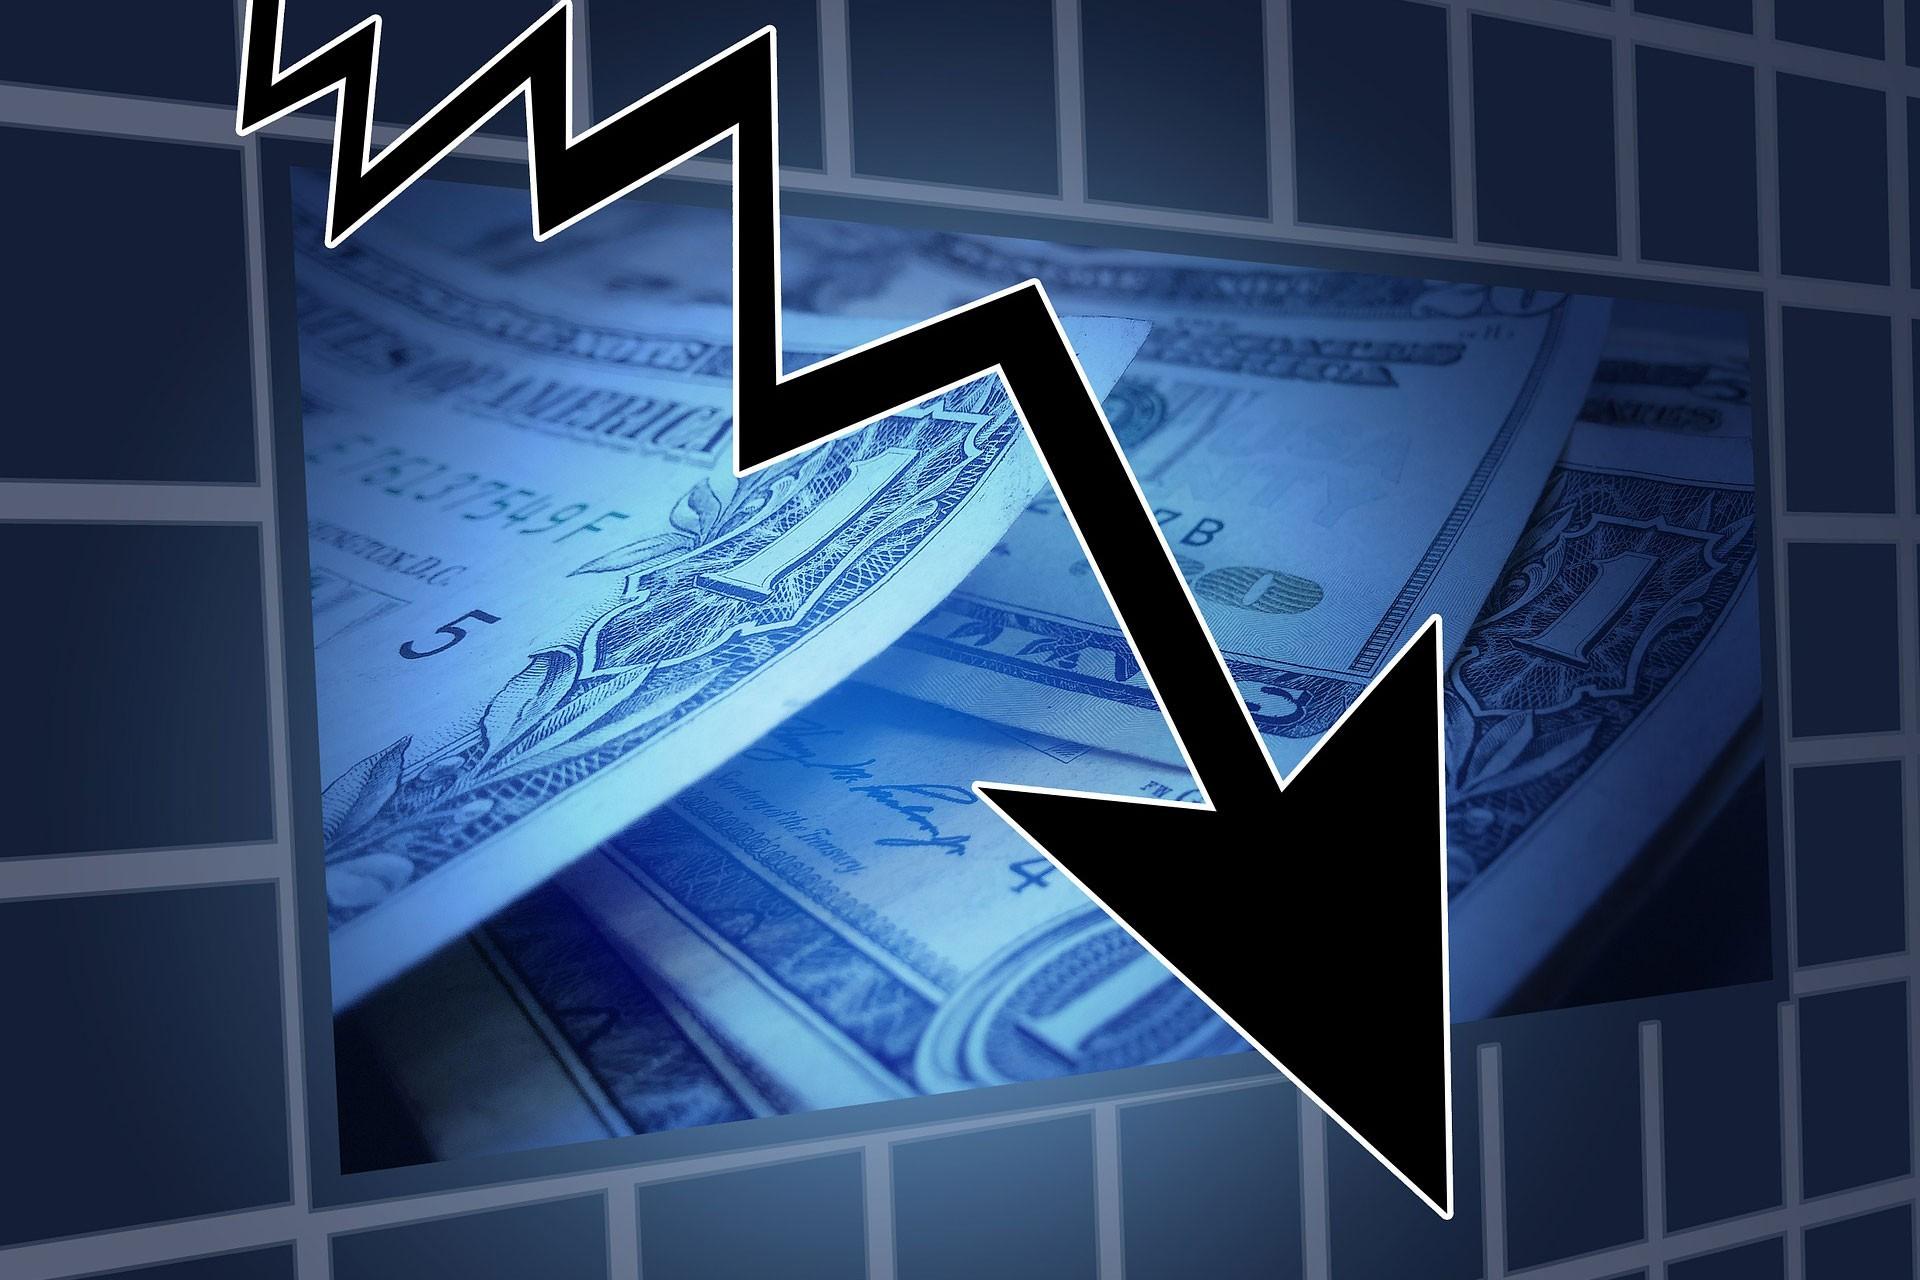 Mali kriz grafiği